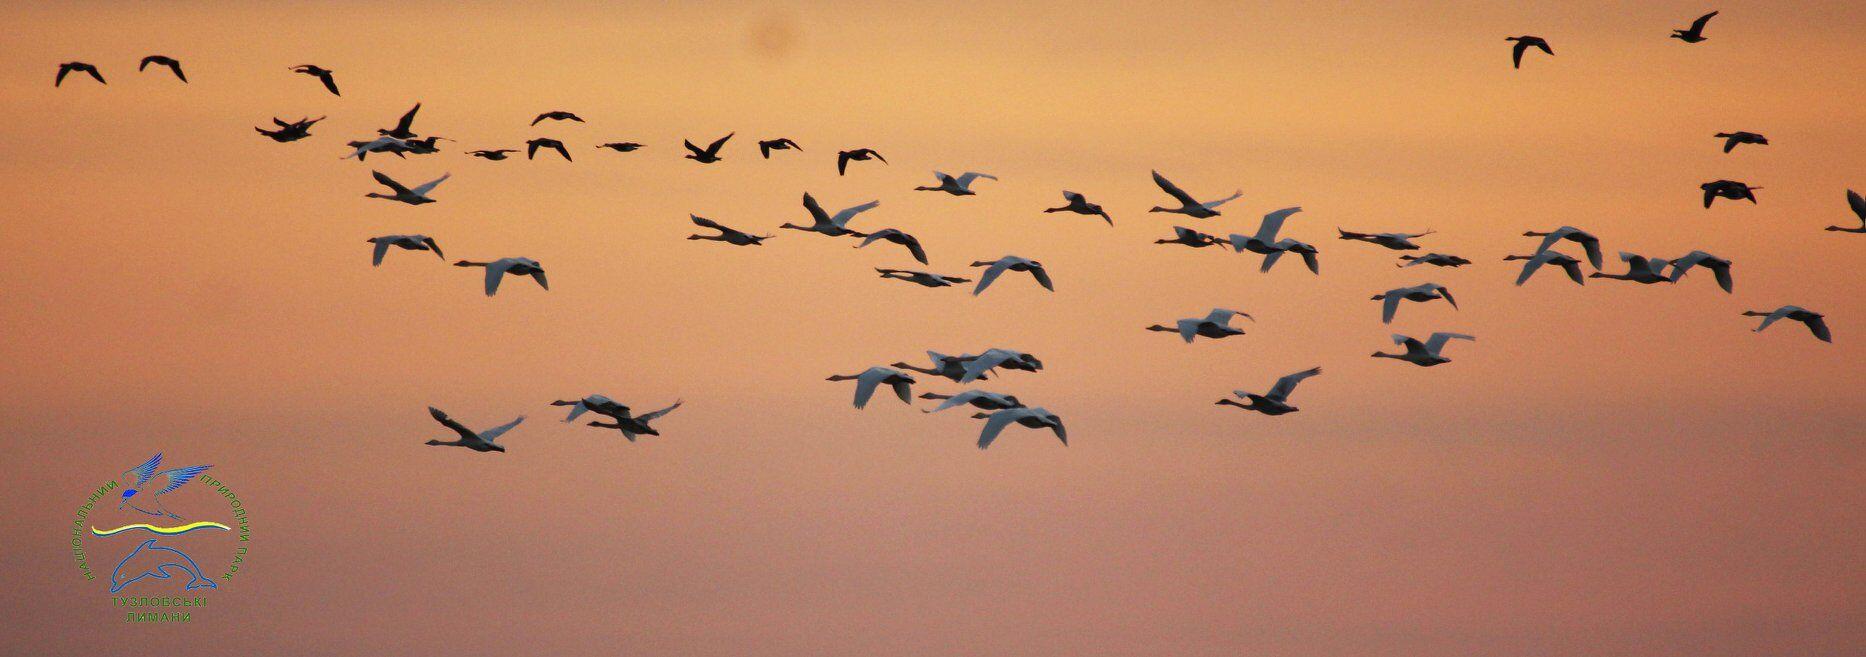 Тузловский комплекс причерноморских лиманов имеет огромное значение для поддержания биологического разнообразия не только региона, но и в мировом масштабе, поскольку служит местом гнездования, зимовки во время сезонных миграций большого количества водно-болотных птиц, а также пребывание ряда видов из Красной книги Украины и Европейского Красного списка. Вообще, эта территория играет важную роль в естественном функционировании и взаимодействия прибрежных экосистем Черного моря.